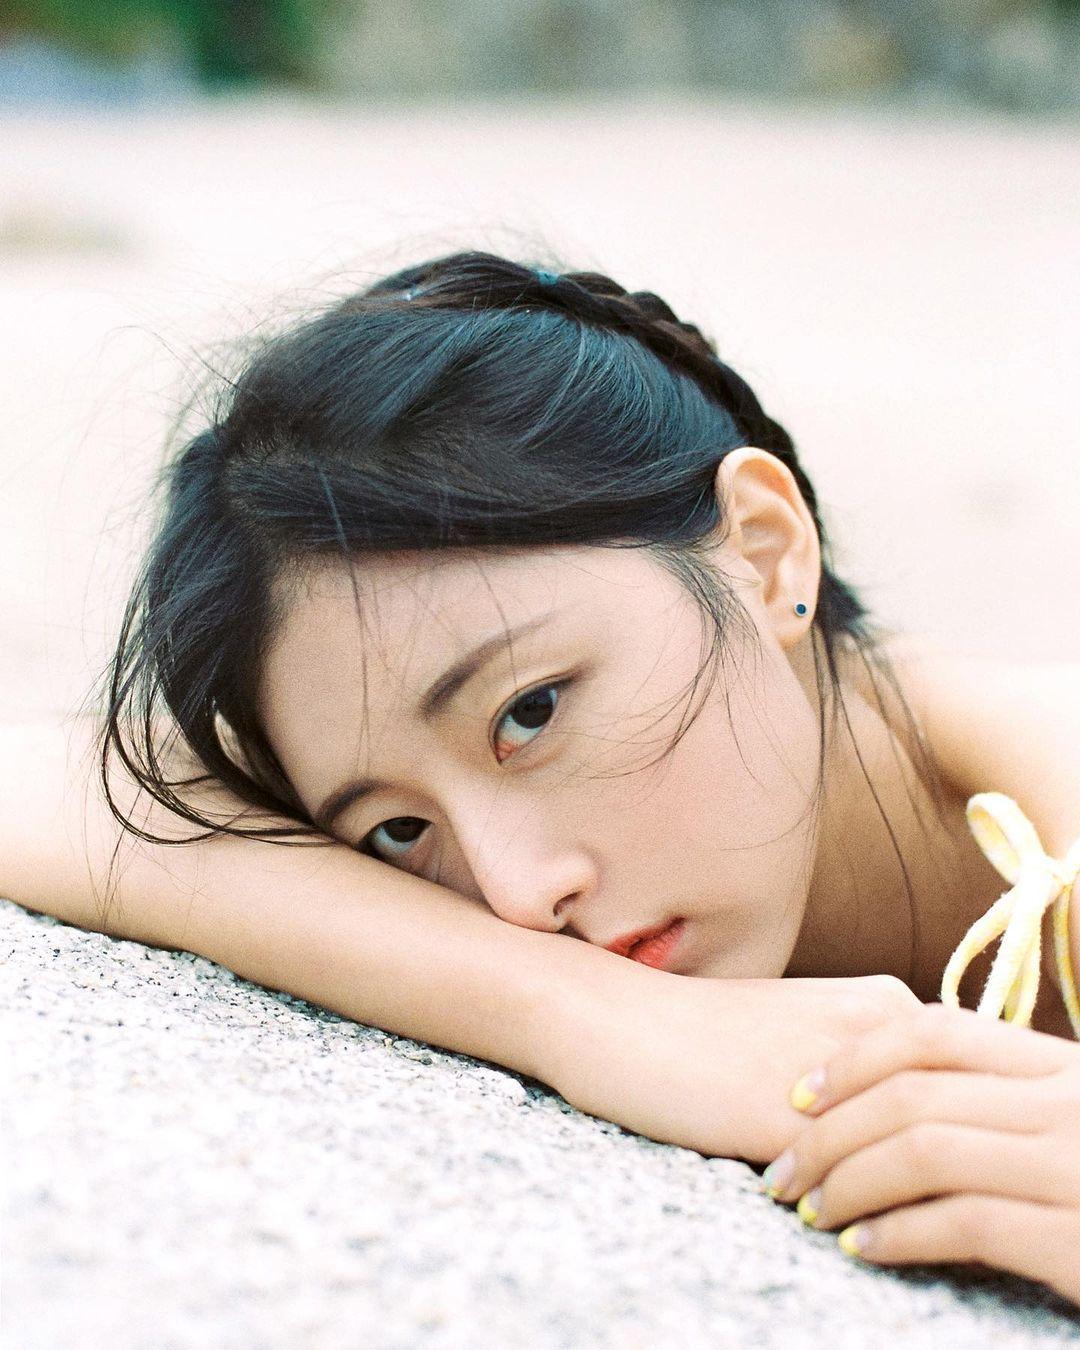 韩国素人正妹「李书贤」一次代言就爆红!超清纯系脸蛋堪比「国民初恋」!